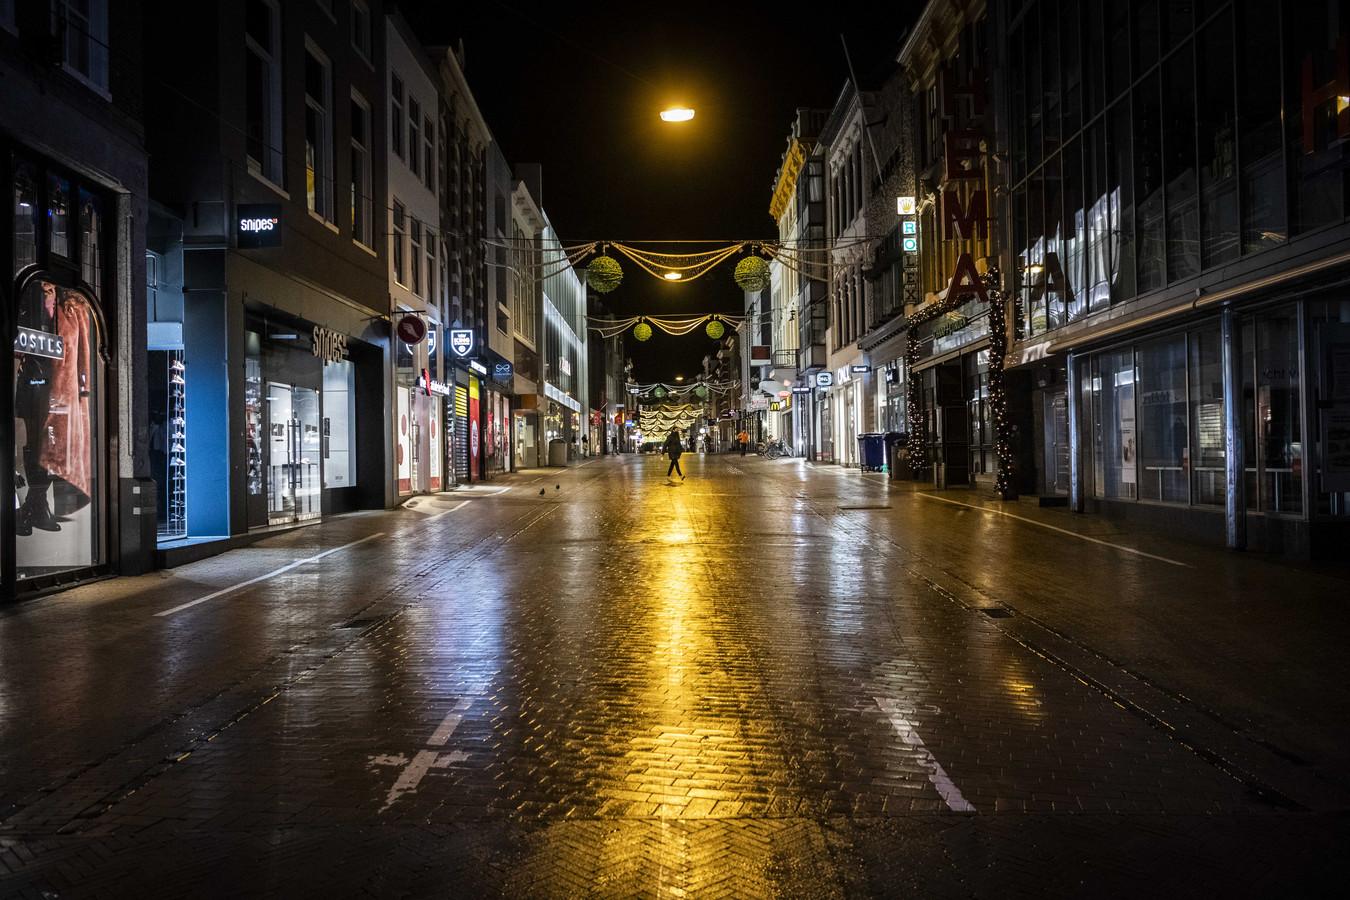 Een lege Herestraat in het centrum van de stad. De invoering van een avondklok ligt voor het kabinet als serieuze optie op tafel.